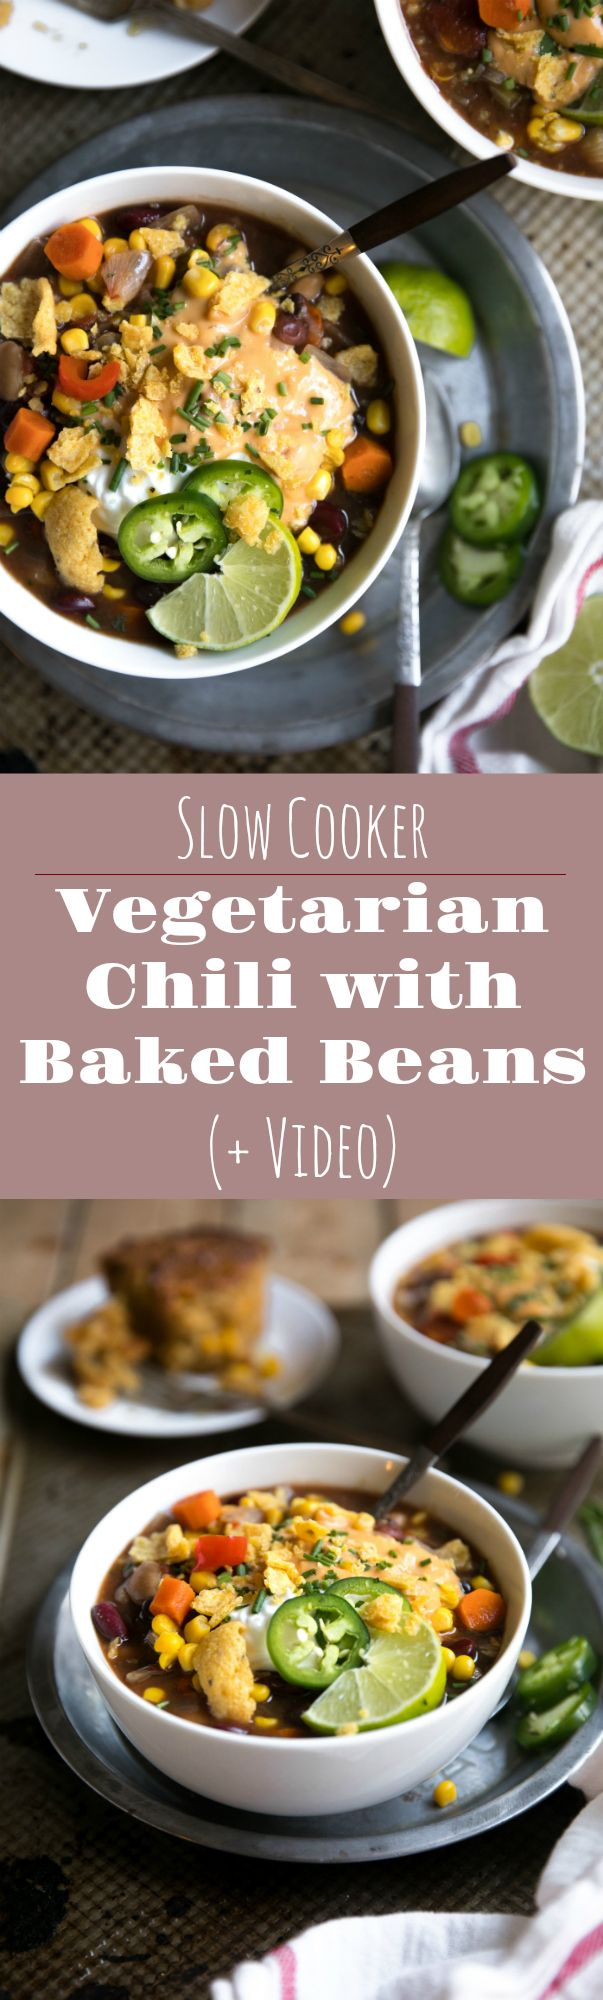 Slow Cooker Vegetarisches Chili mit gebackenen Bohnen (+ Video) – Der Gabellöffel  – SLOW COOKER   CASSEROLE RECIPES